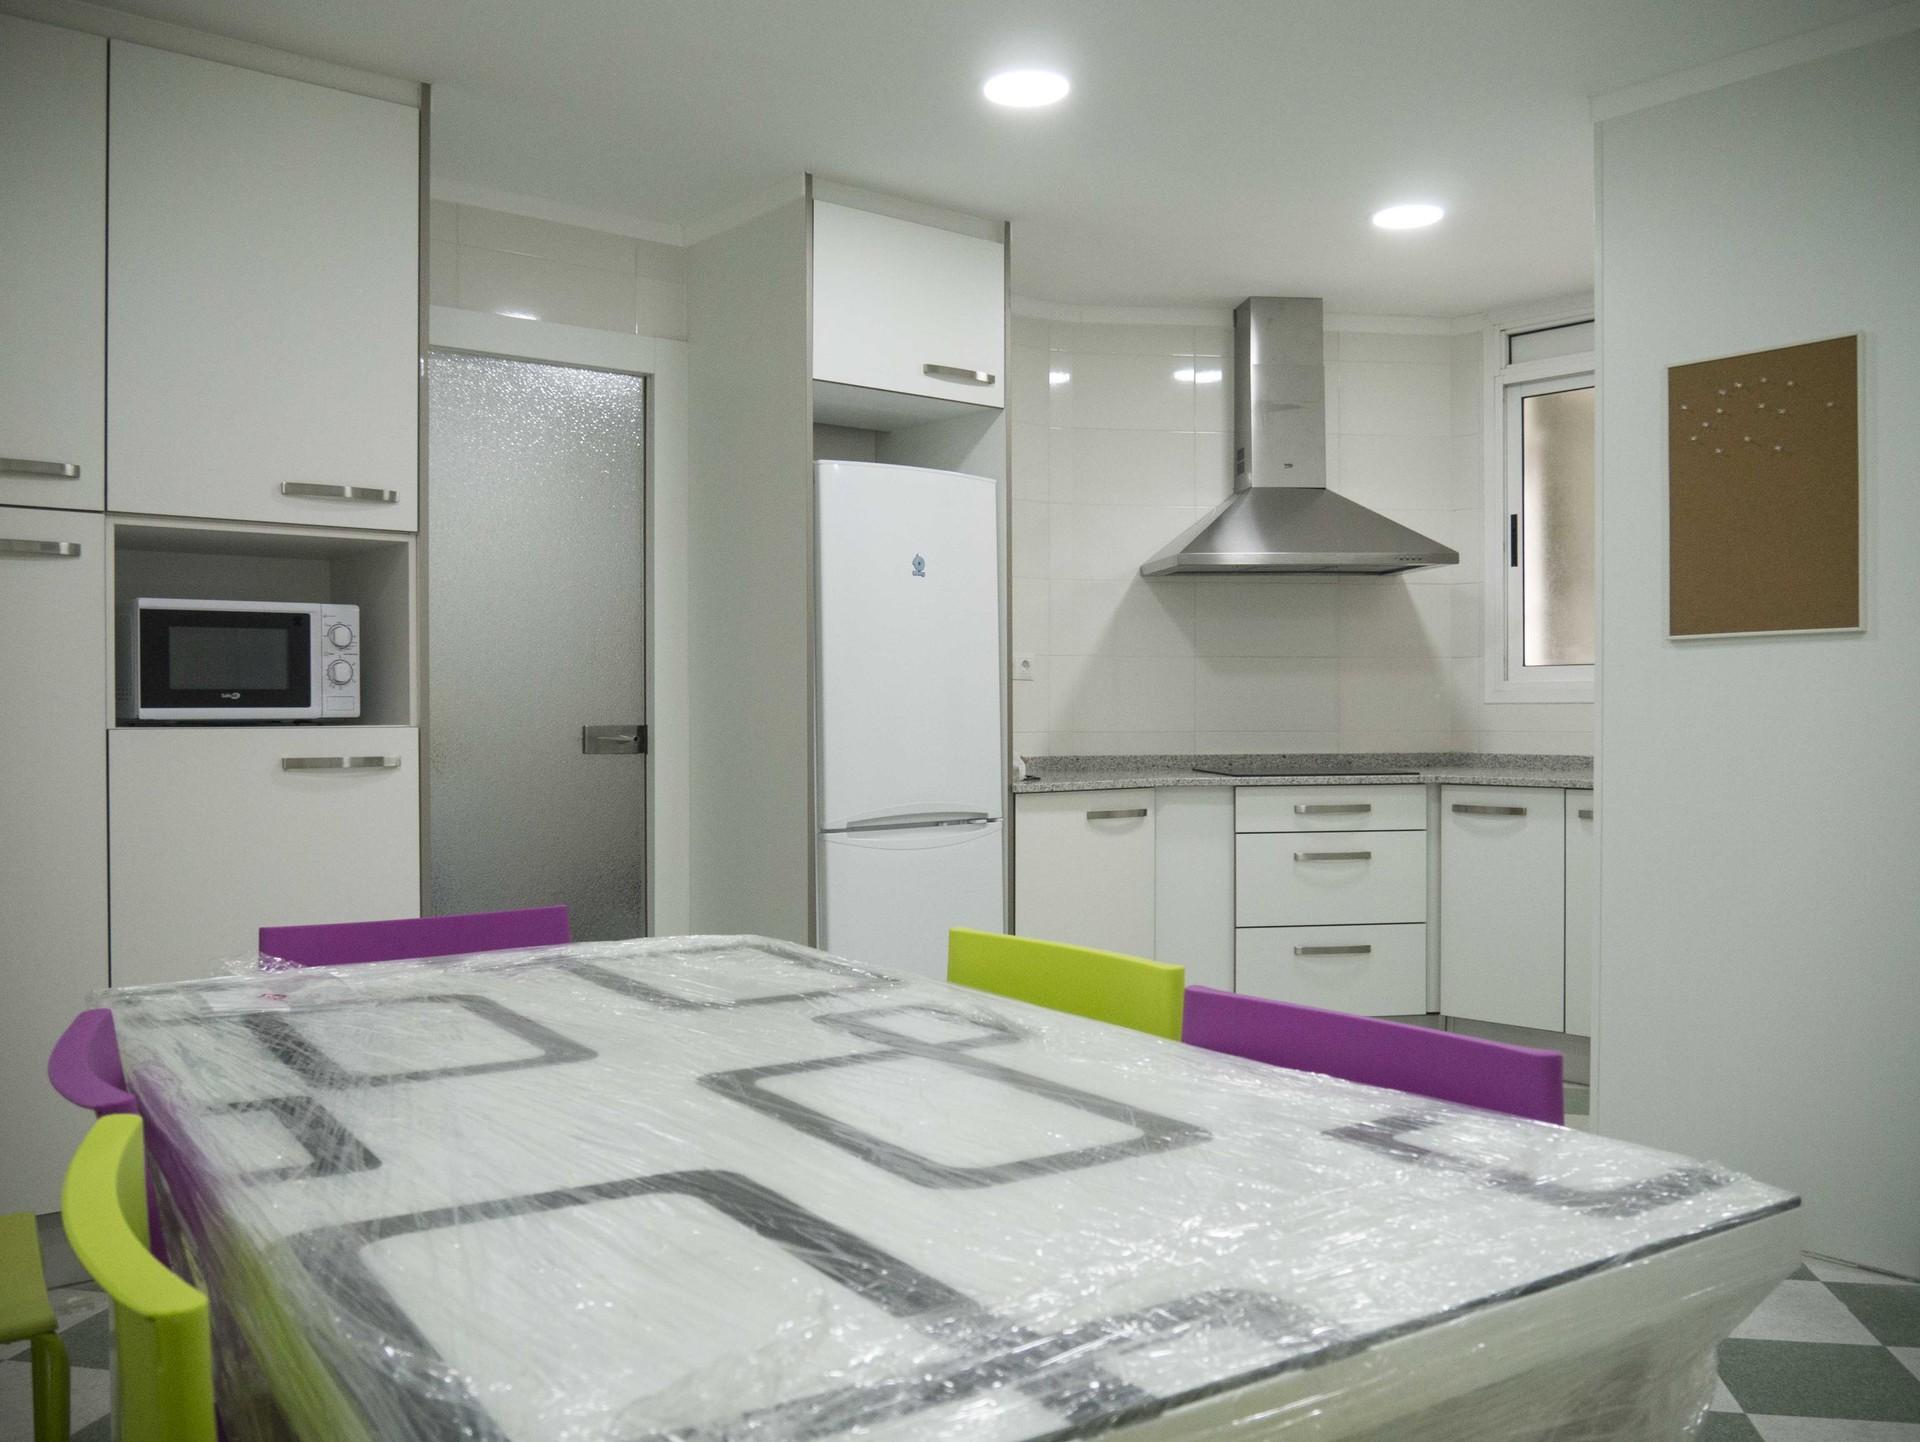 Habitaci n piso compartido en el centro de valencia Alquiler de habitacion en piso compartido